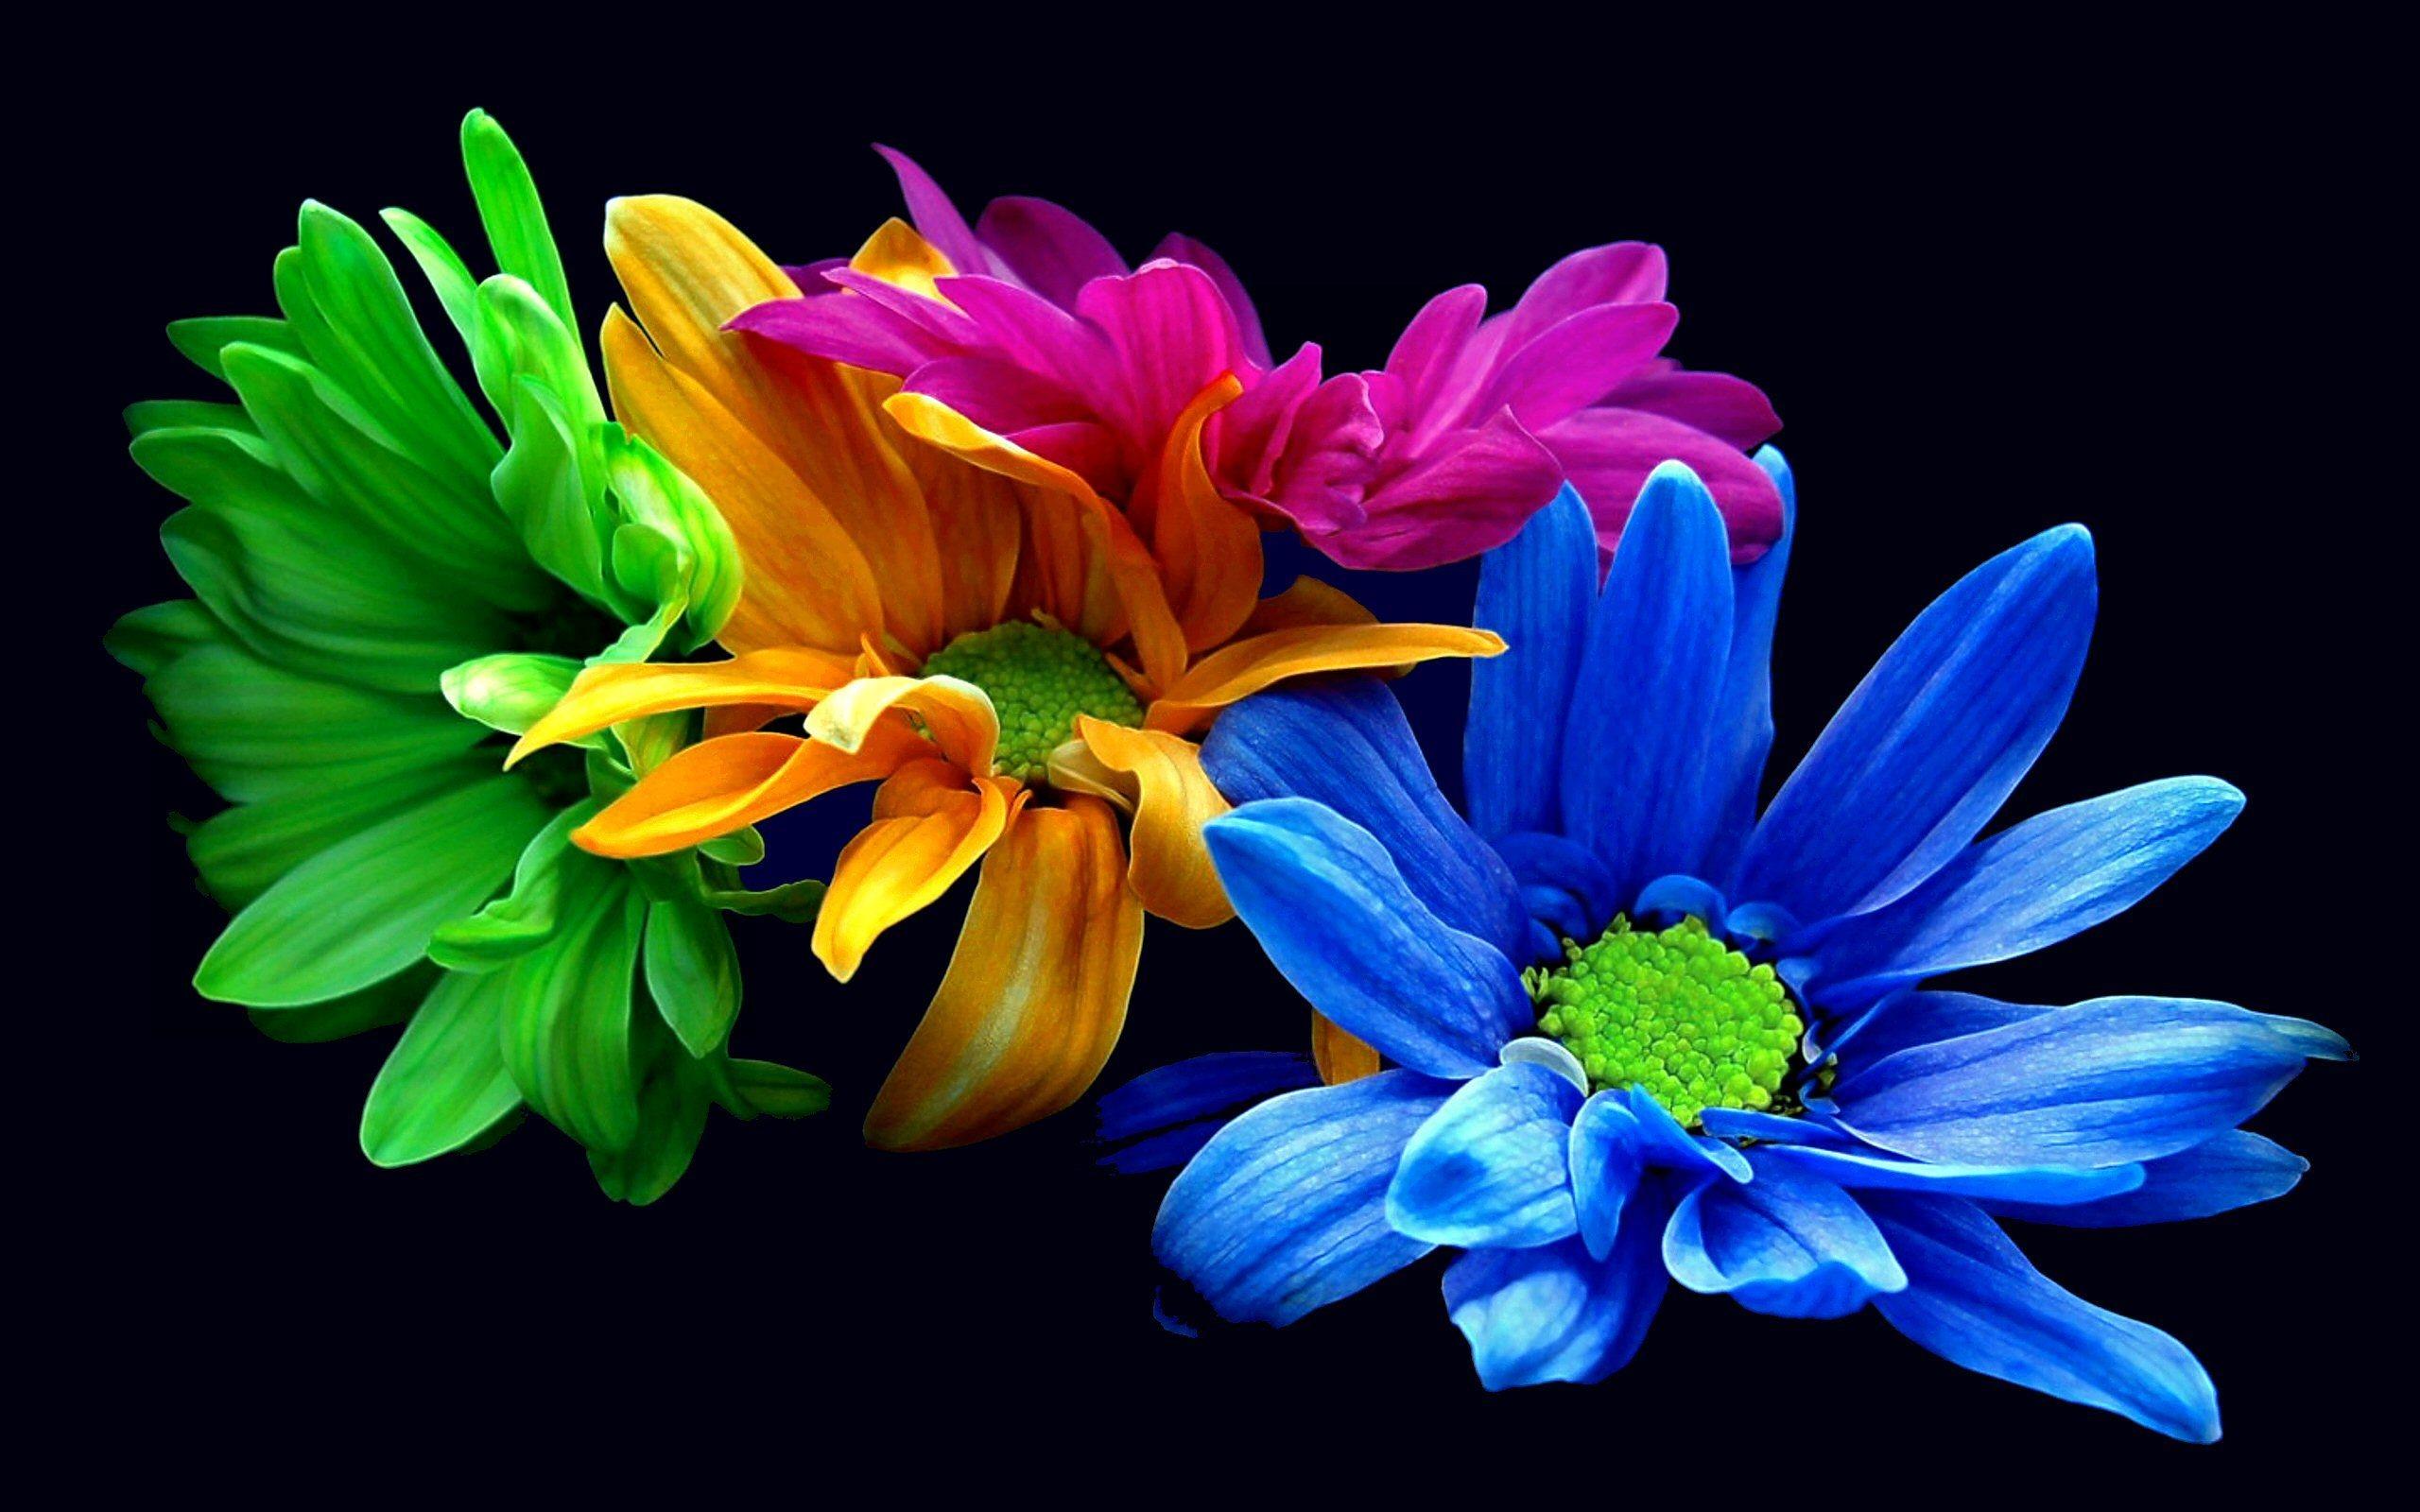 Flower HD Wallpapers